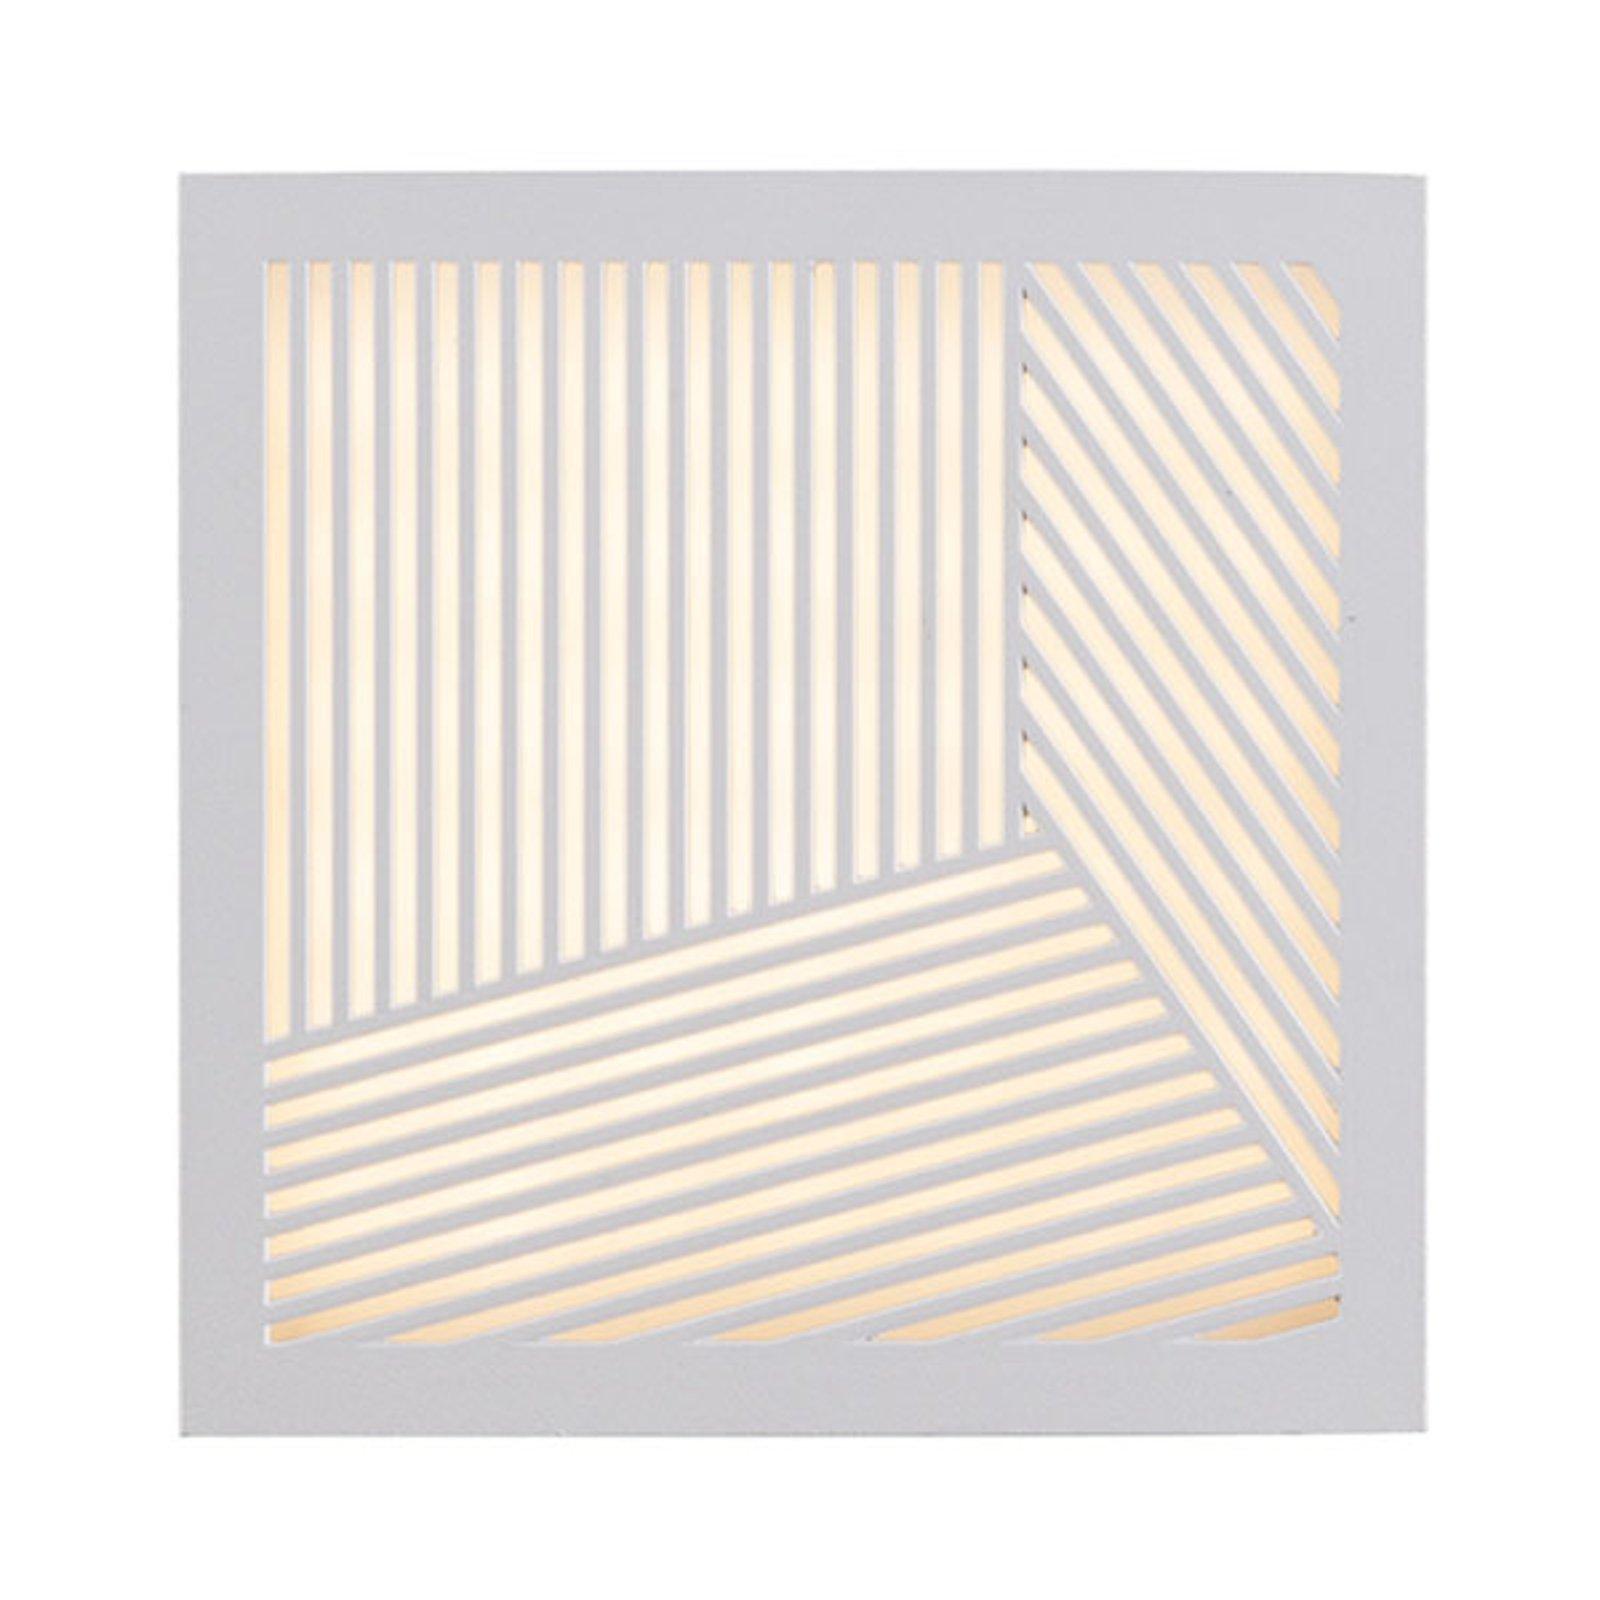 Utendørs LED-vegglampe Maze Straight i hvit